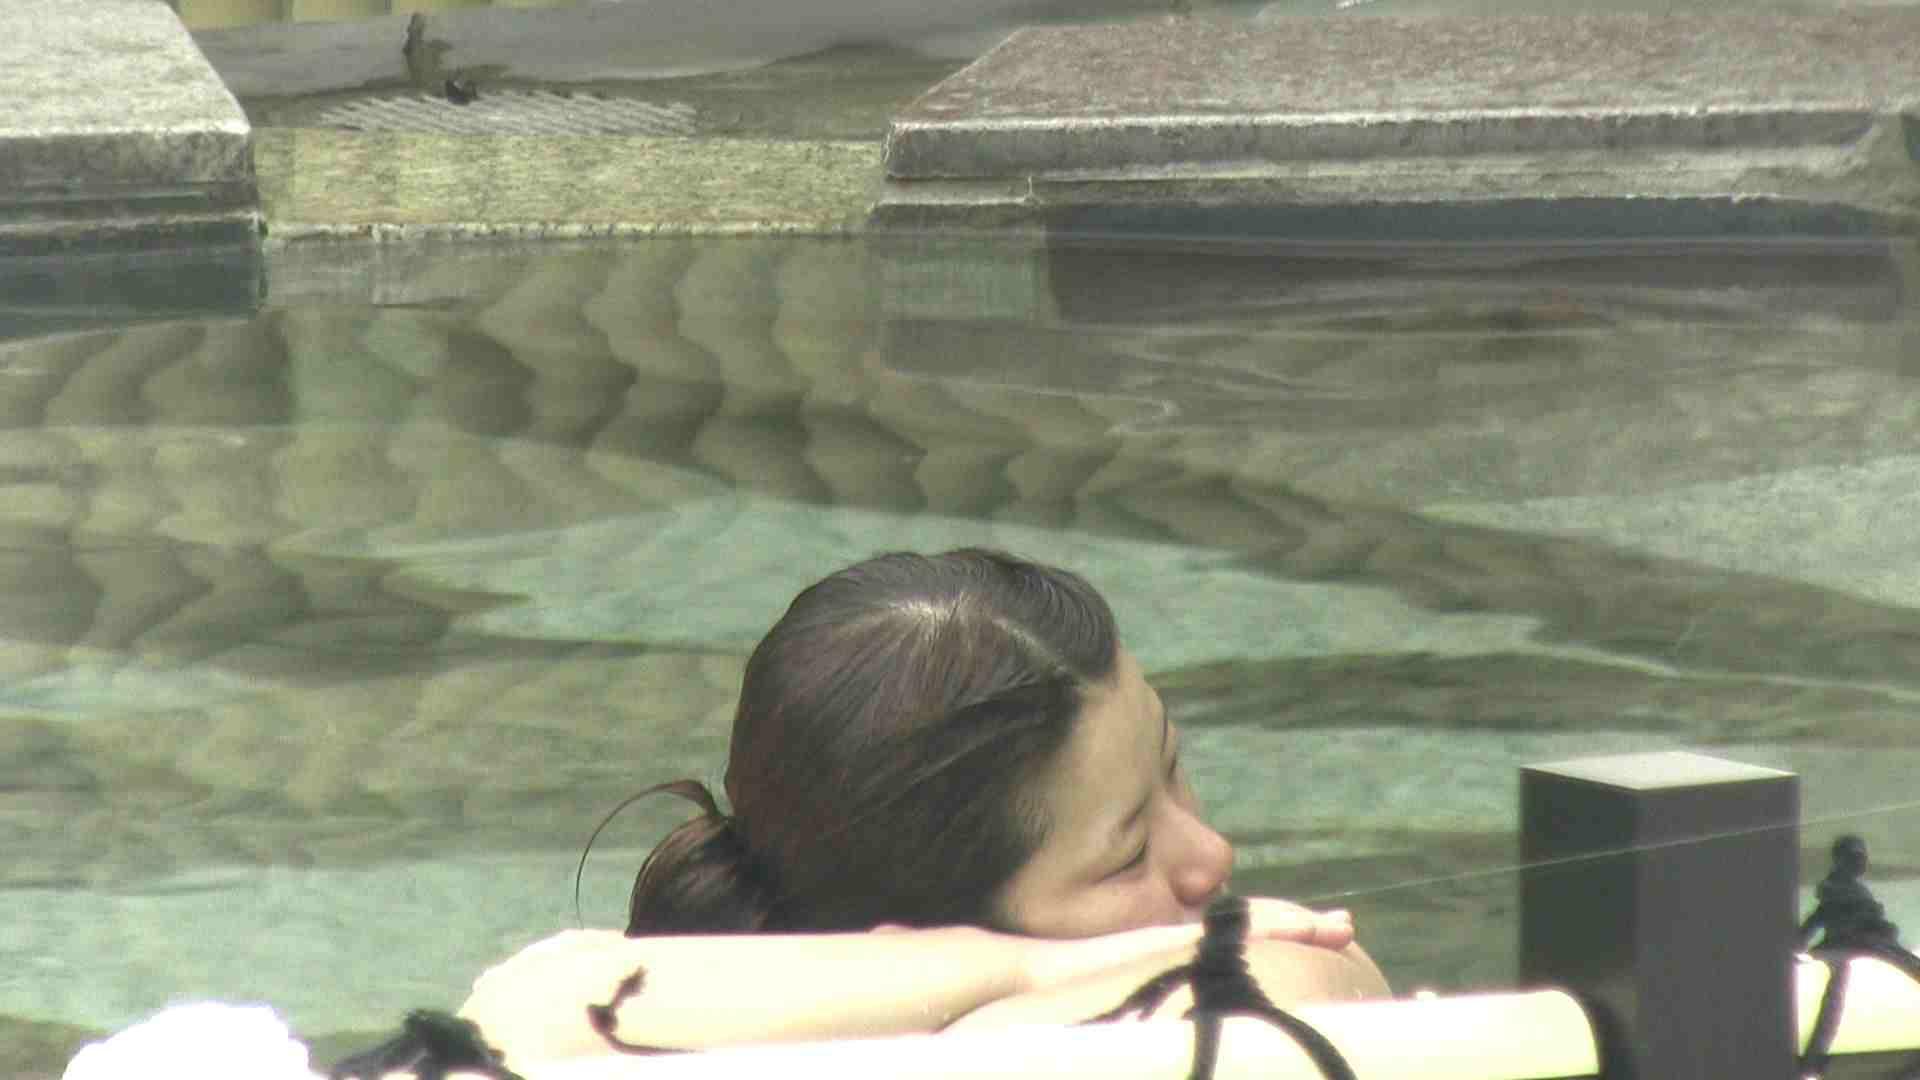 Aquaな露天風呂Vol.19【VIP】 美しいOLの裸体  106pic 45